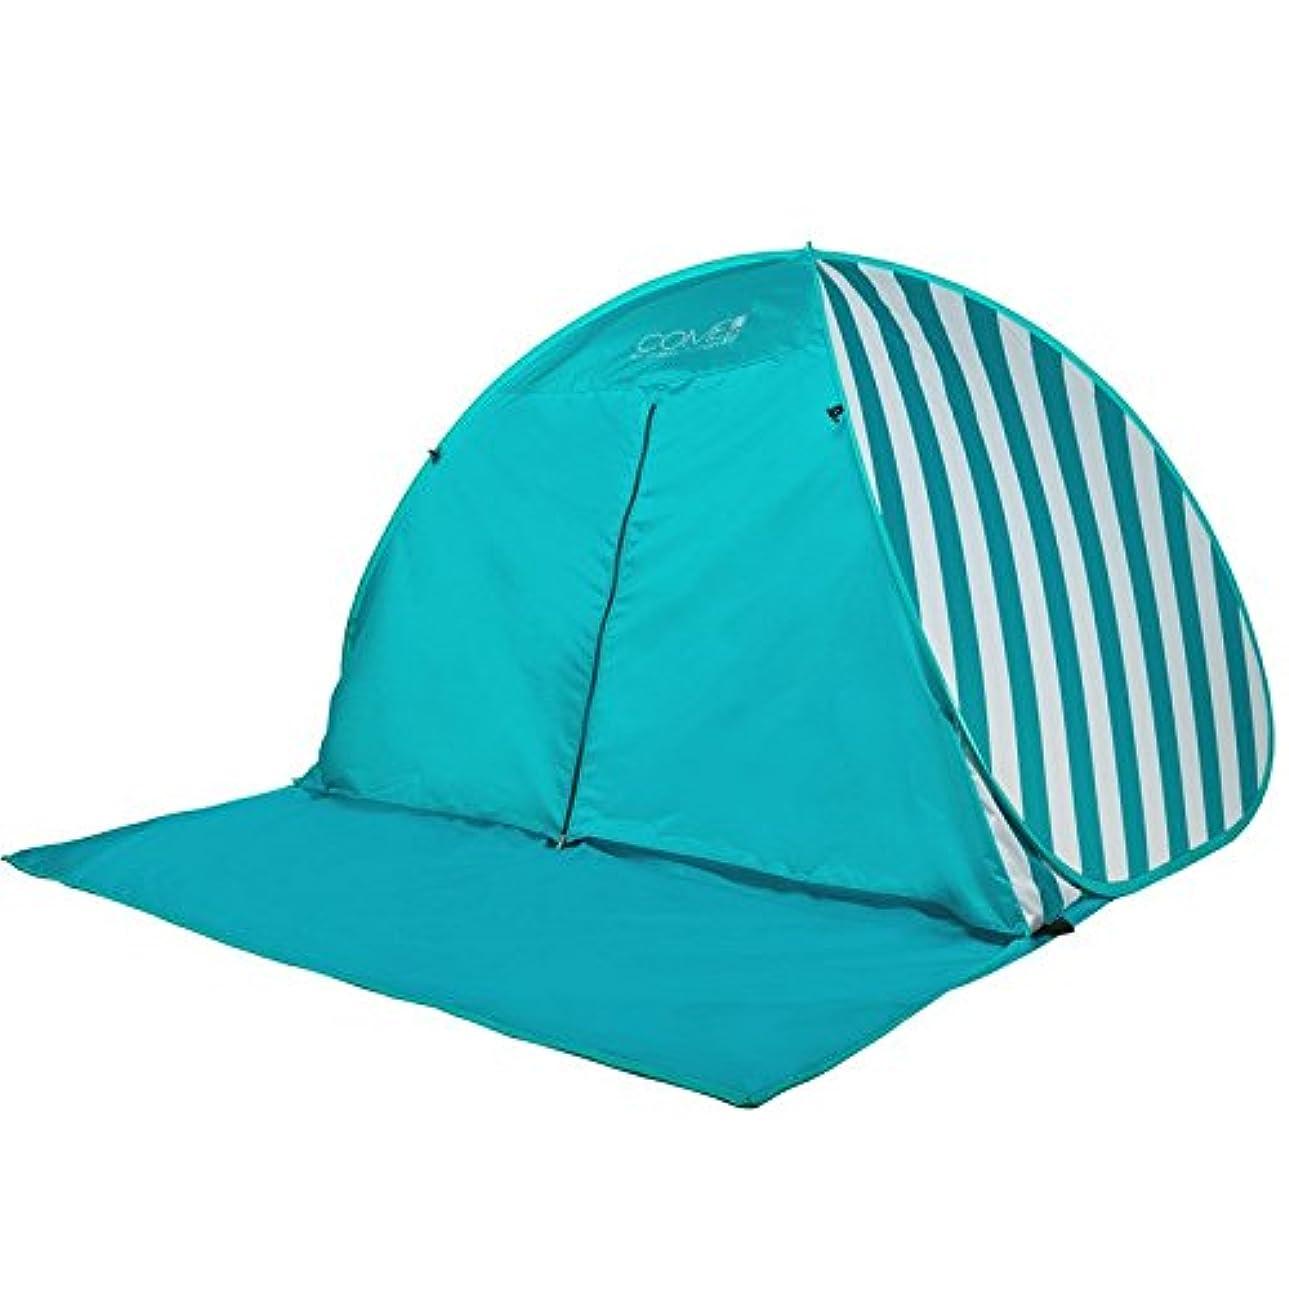 余分な売上高南アメリカSun-happyyaa 屋外の自動キャンプのテント日よけのテントキャンプ用品防水、防雨、UV耐性大屋外イ??ンストールが簡単ポータブル3-4人 購入へようこそ